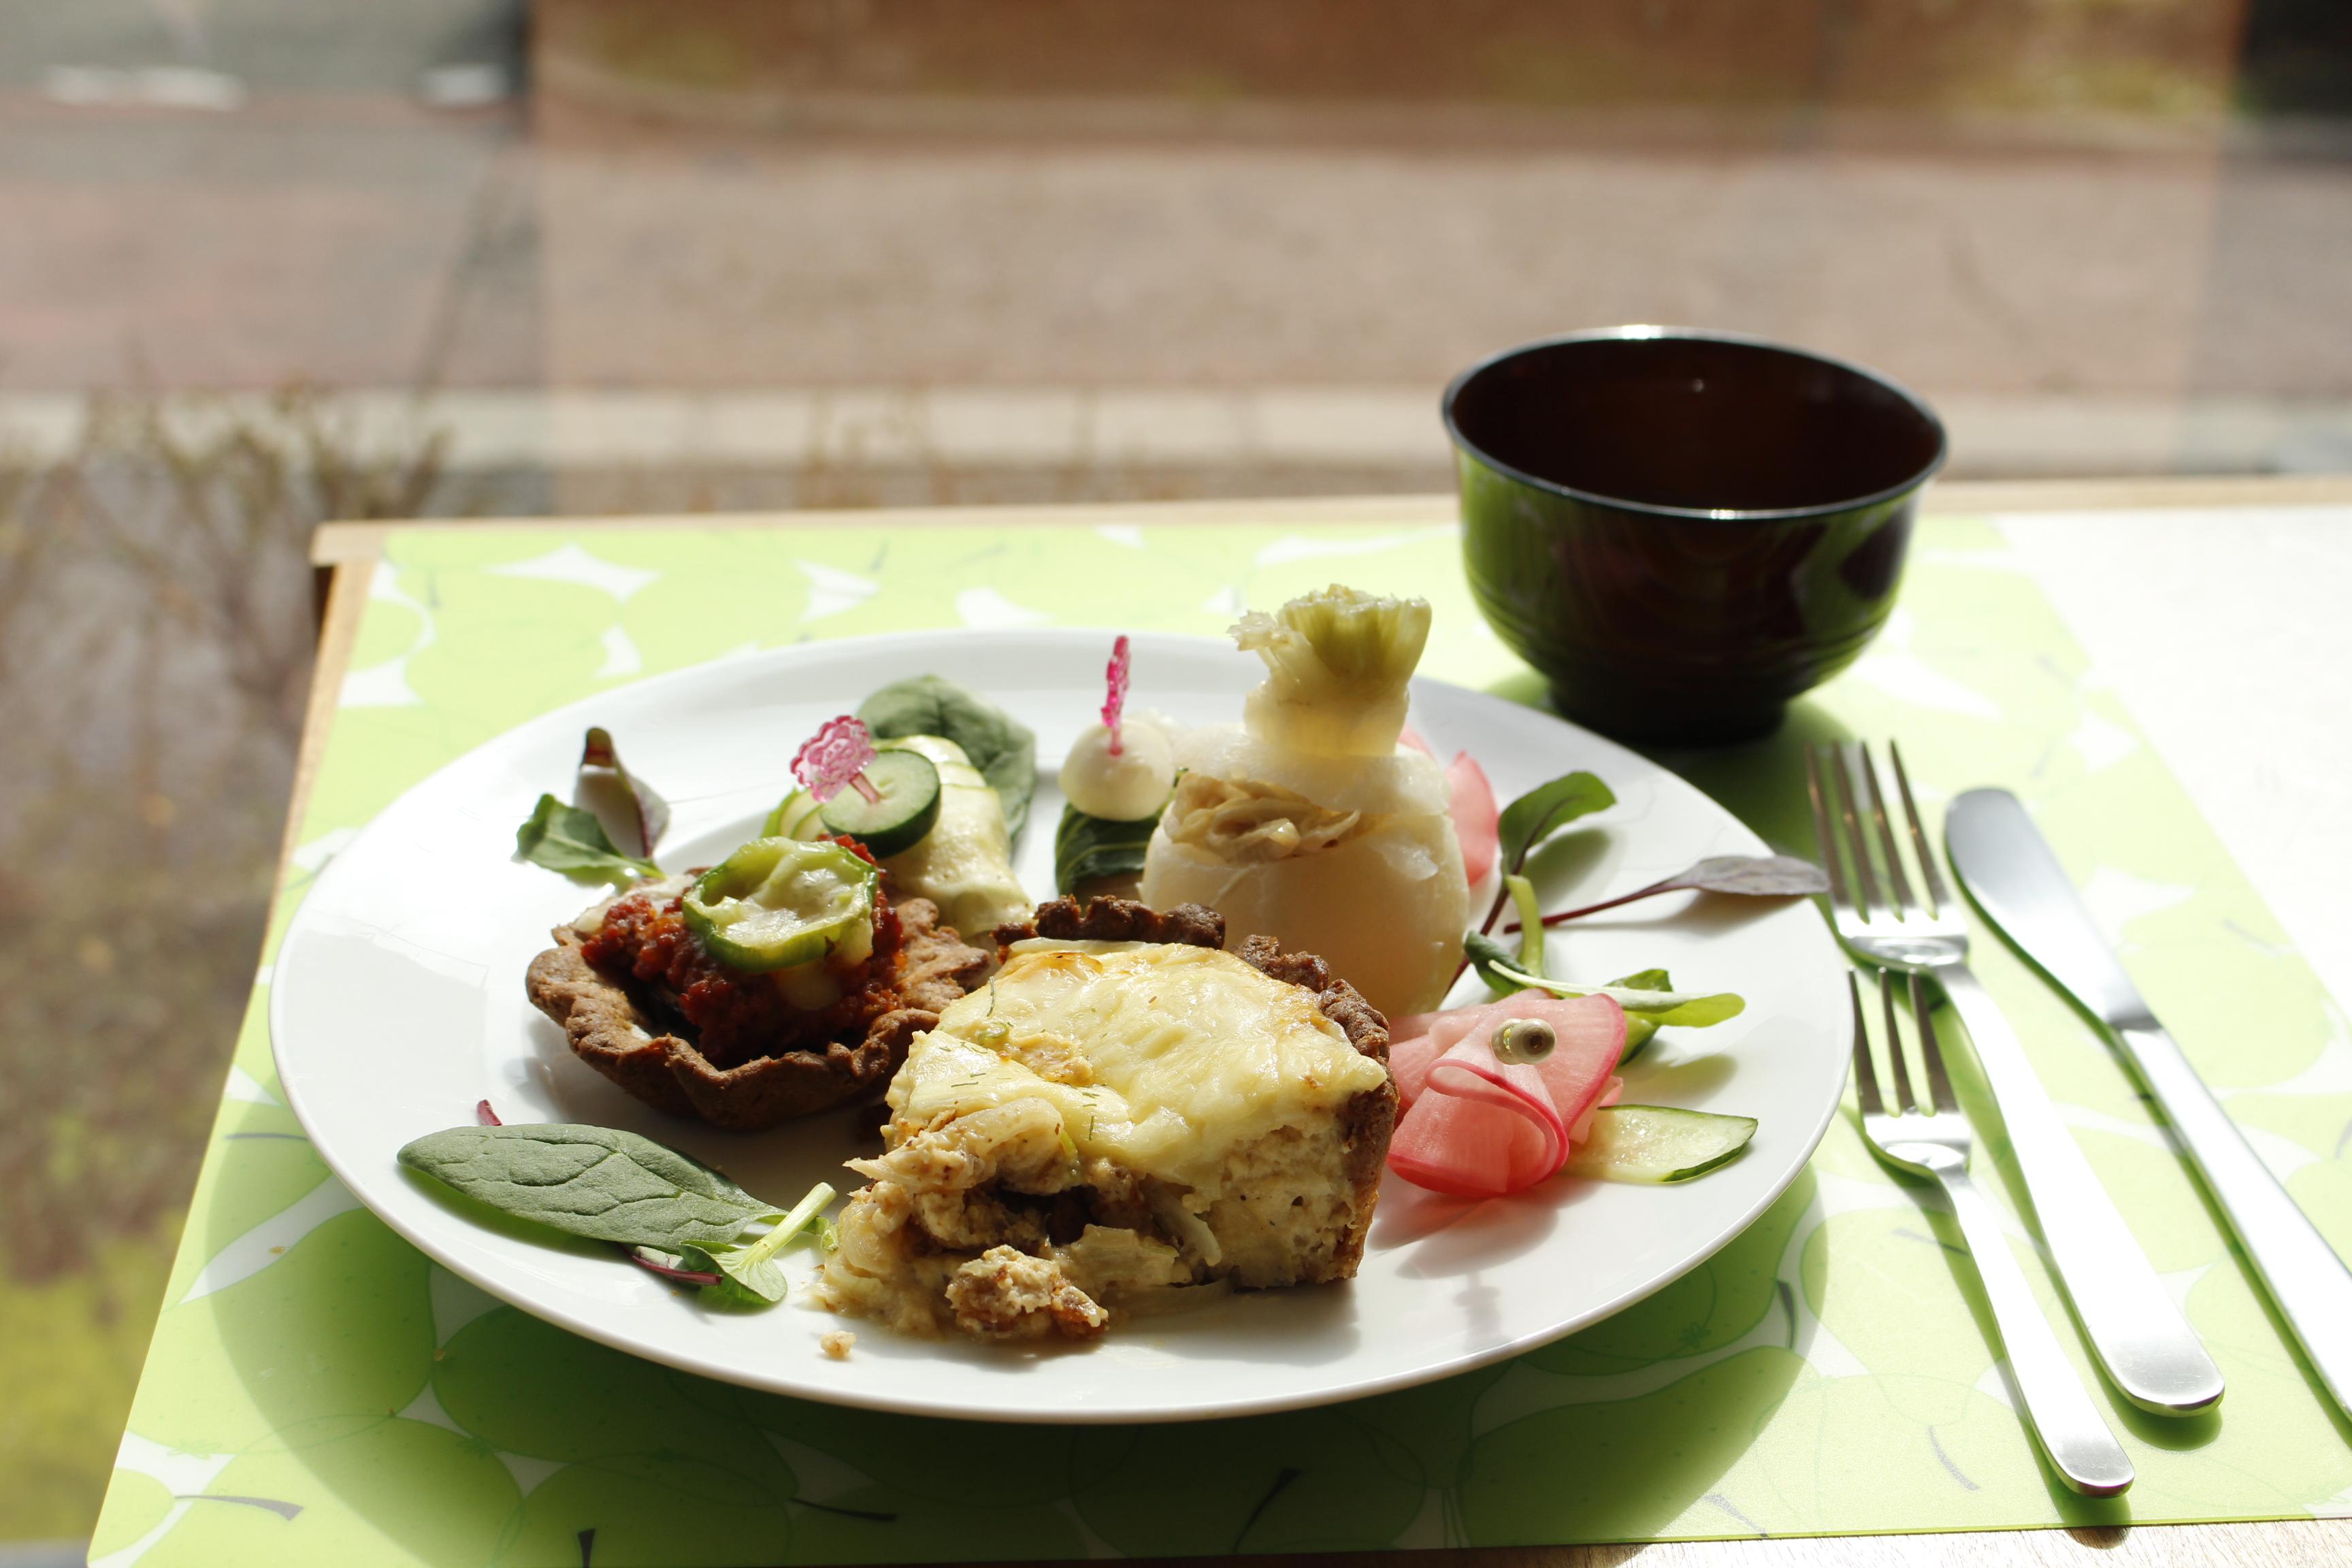 糖質制限パン・料理教室a-ta-sante。京都江部粉糖質制限パンミックスを使った、糖質の気になる方も安心して参加出来る教室です。阿倍野区西田辺。